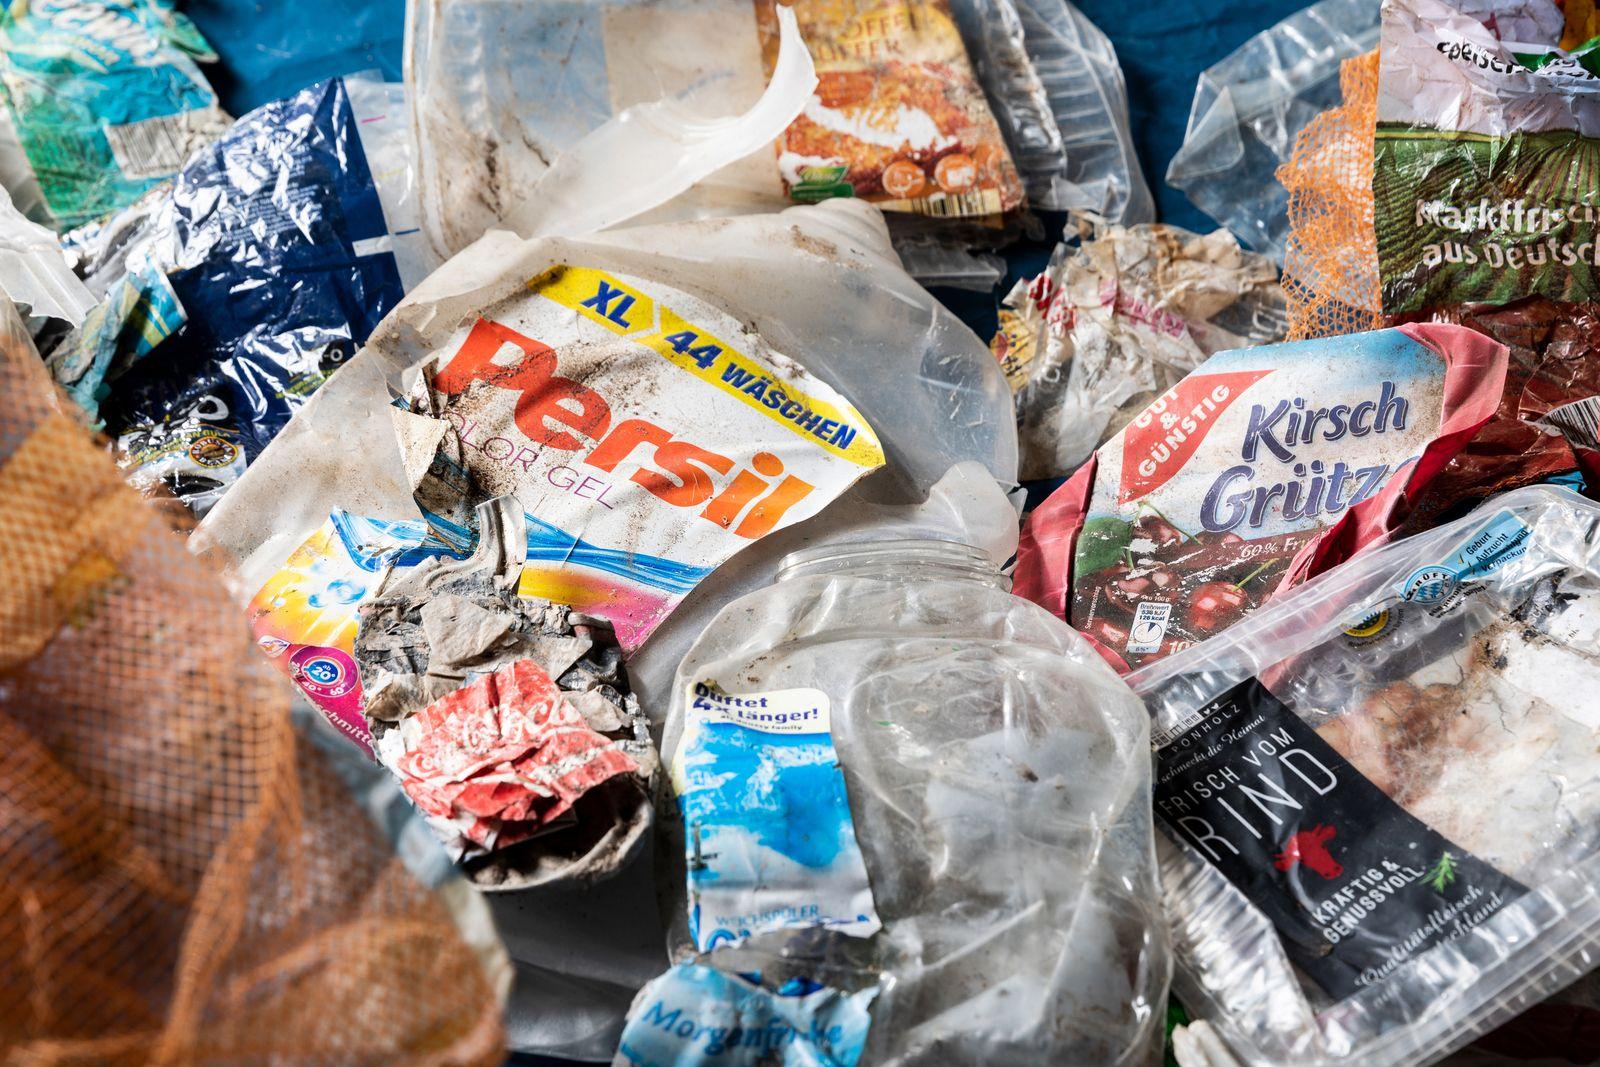 German Plastic Waste Found in Malaysia Plastikmuell aus Deutschland in Malaysia